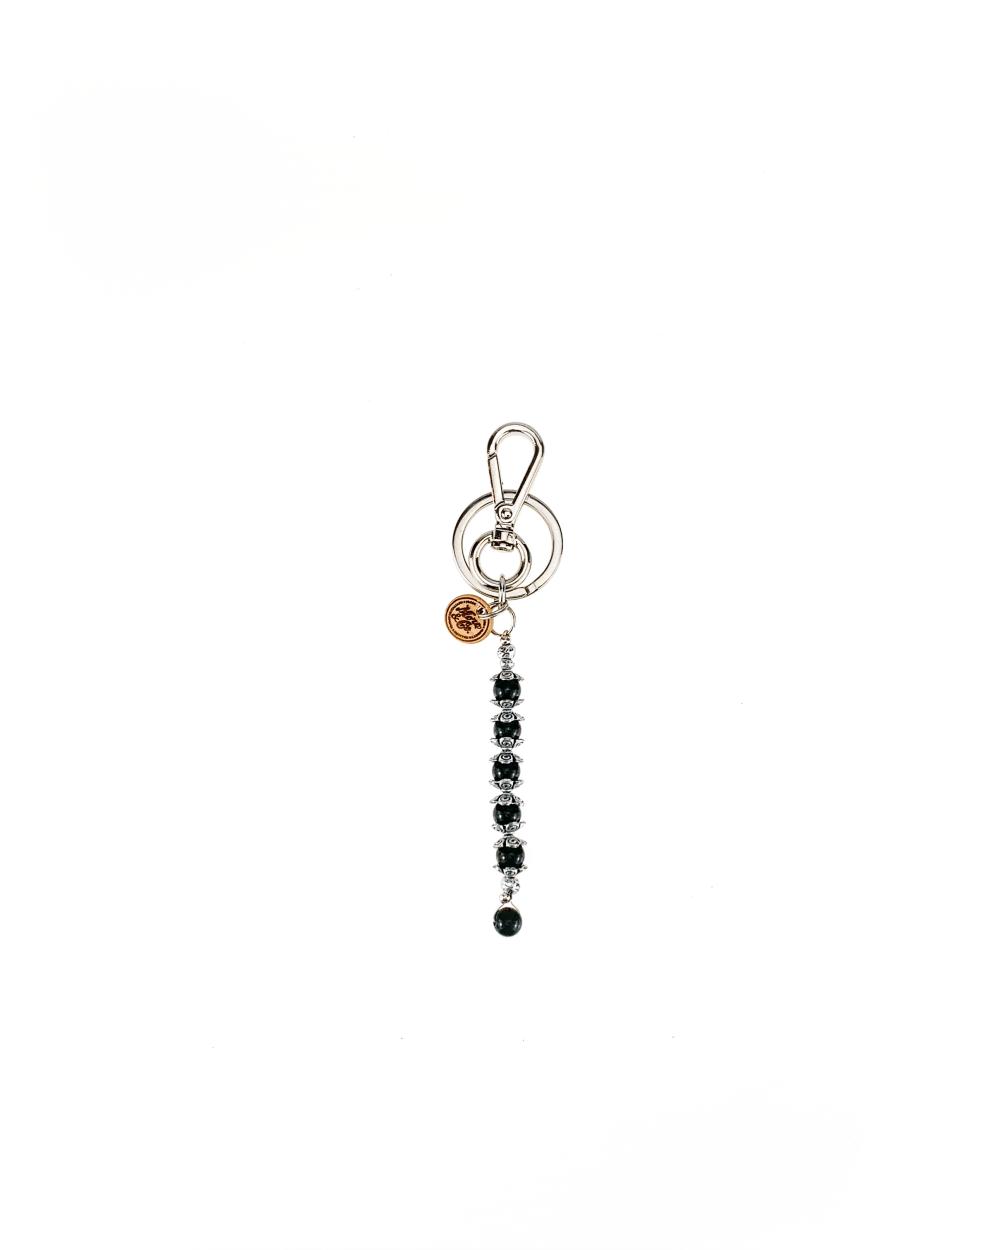 portachiavi accessori in metallo color nichel, pietra agata nero lucido.